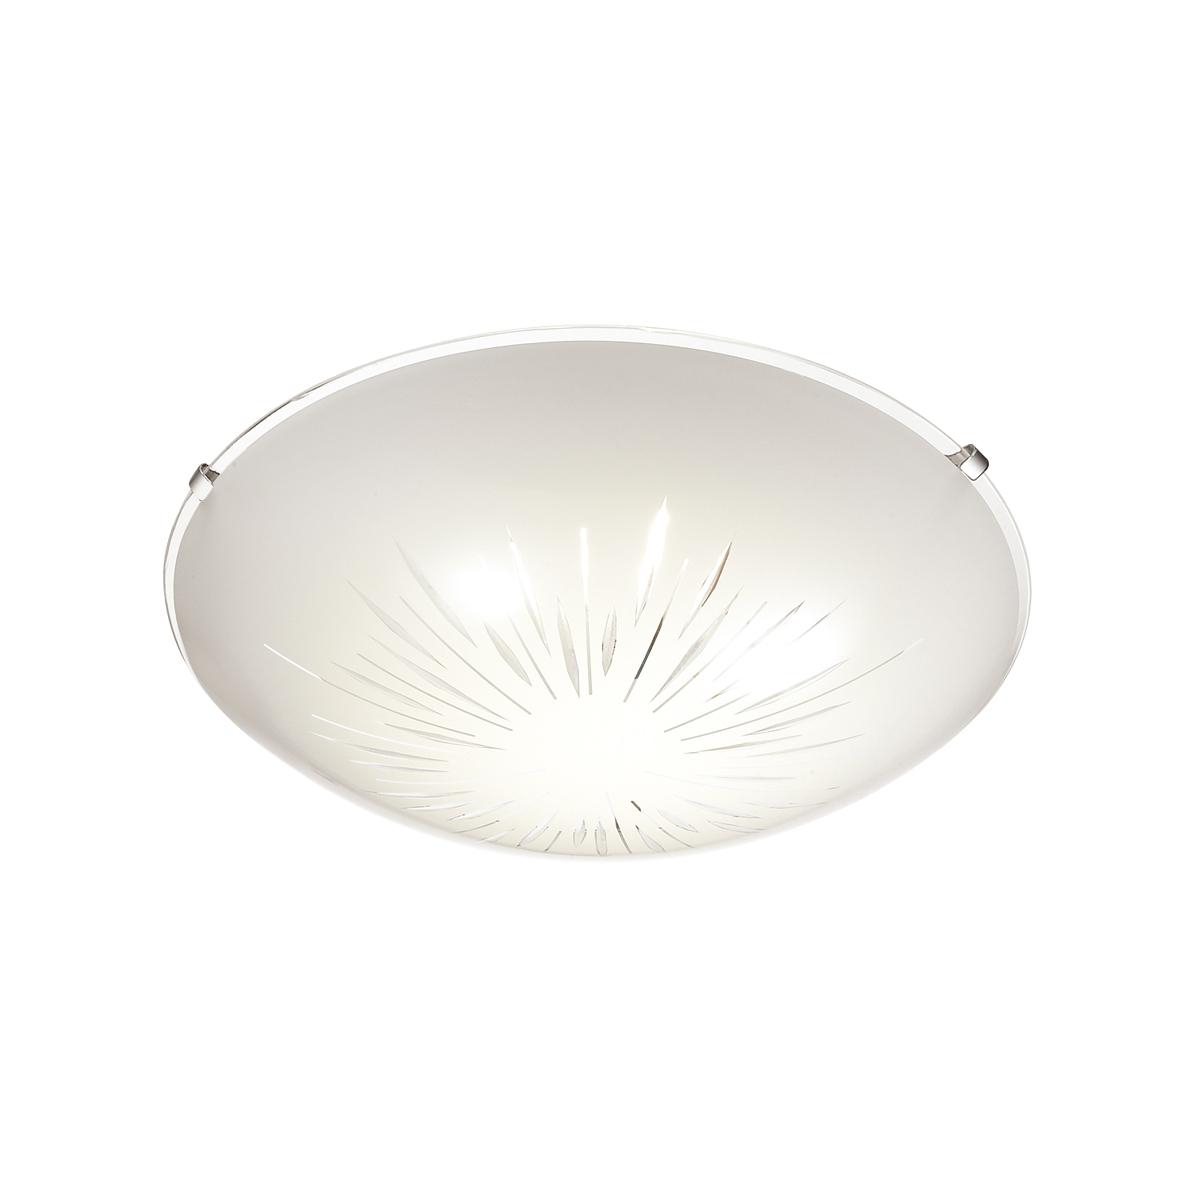 Потолочный светодиодный светильник Sonex Lukka 2064/DL, LED 48W, хром, матовый, прозрачный, металл, стекло - фото 1